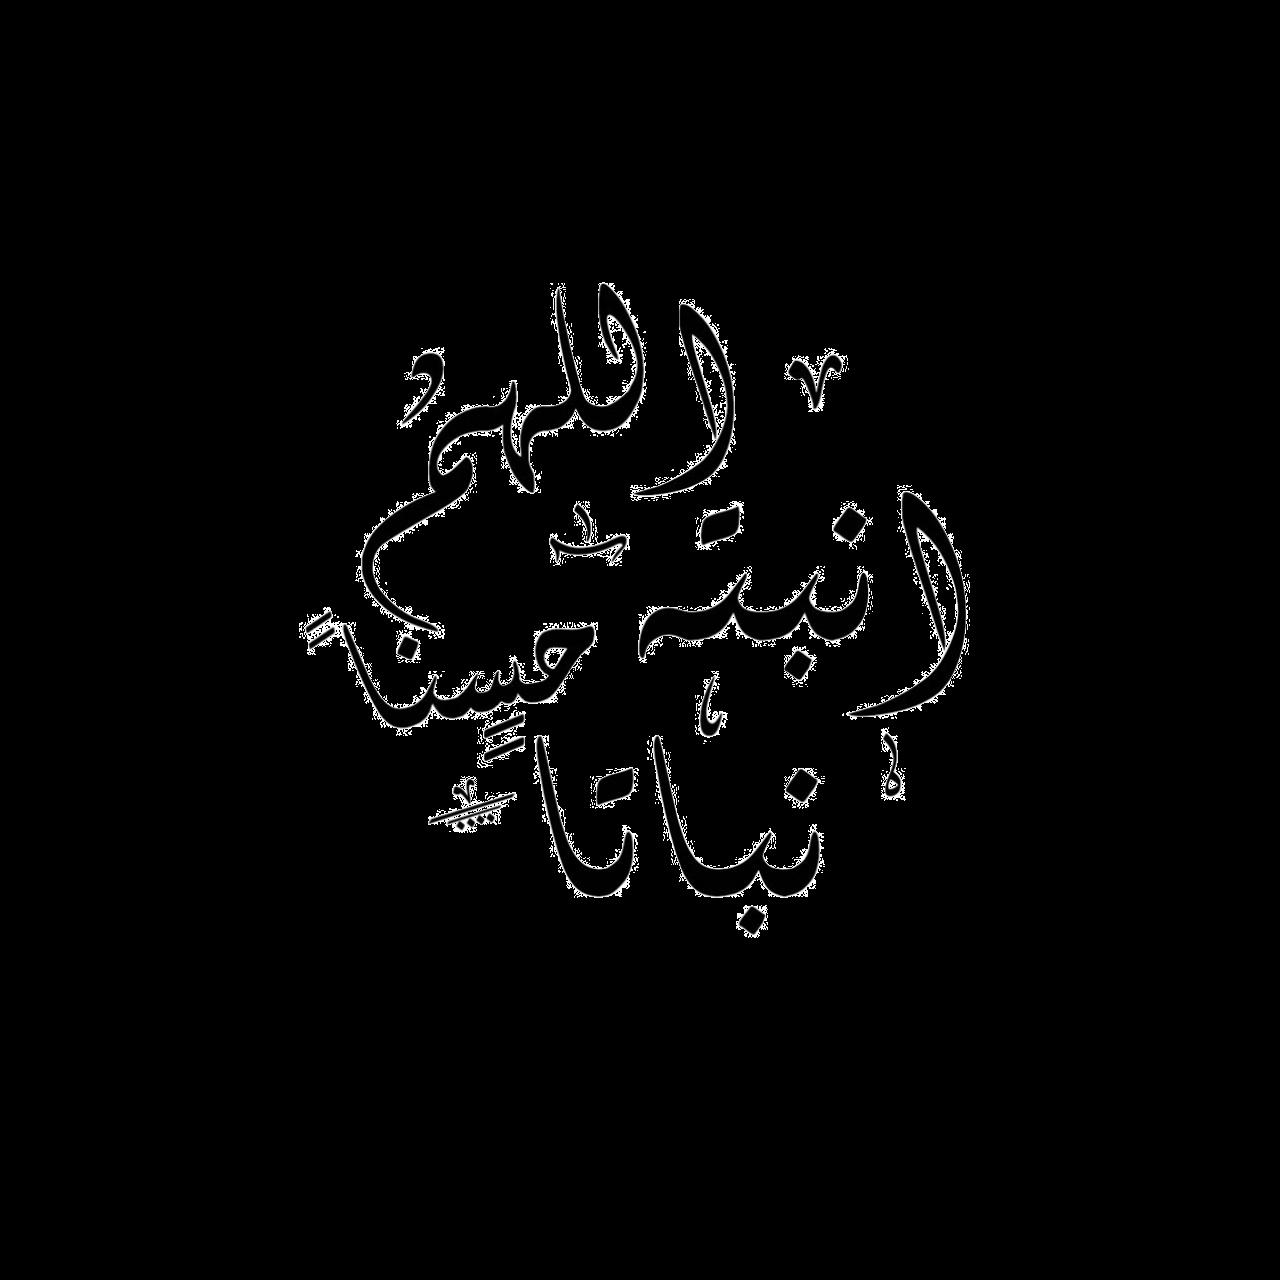 نتيجة بحث الصور عن اللهم انبتها نباتا حسنا ابيض واسود Booth Props Arabic Calligraphy